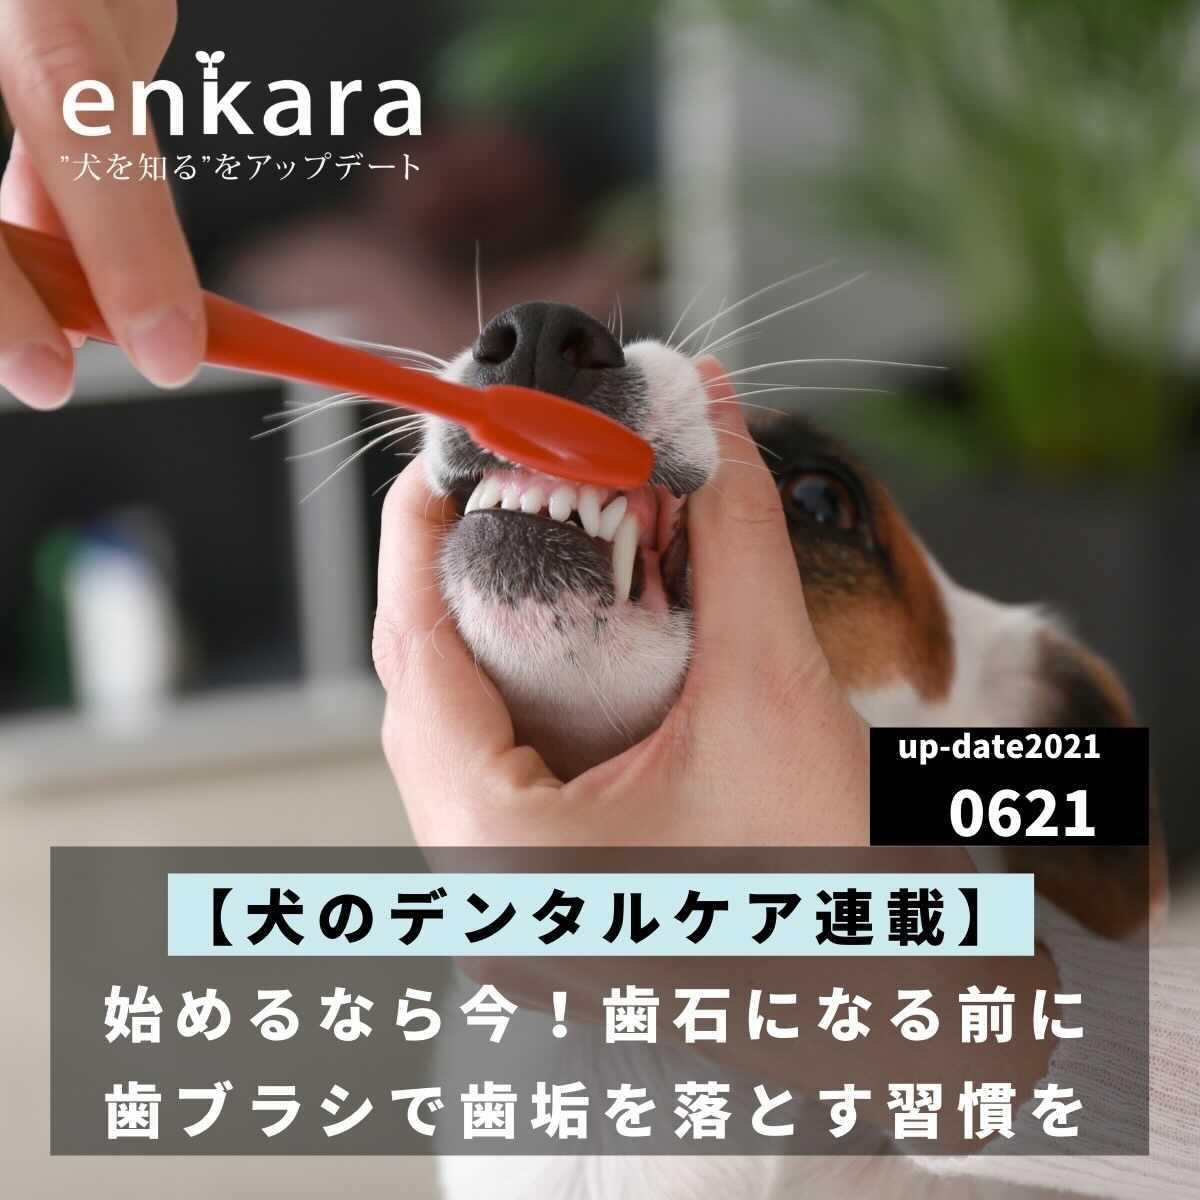 【犬のデンタルケア連載#01】始めるなら今!歯石になる前に歯ブラシで歯垢を落とす習慣を